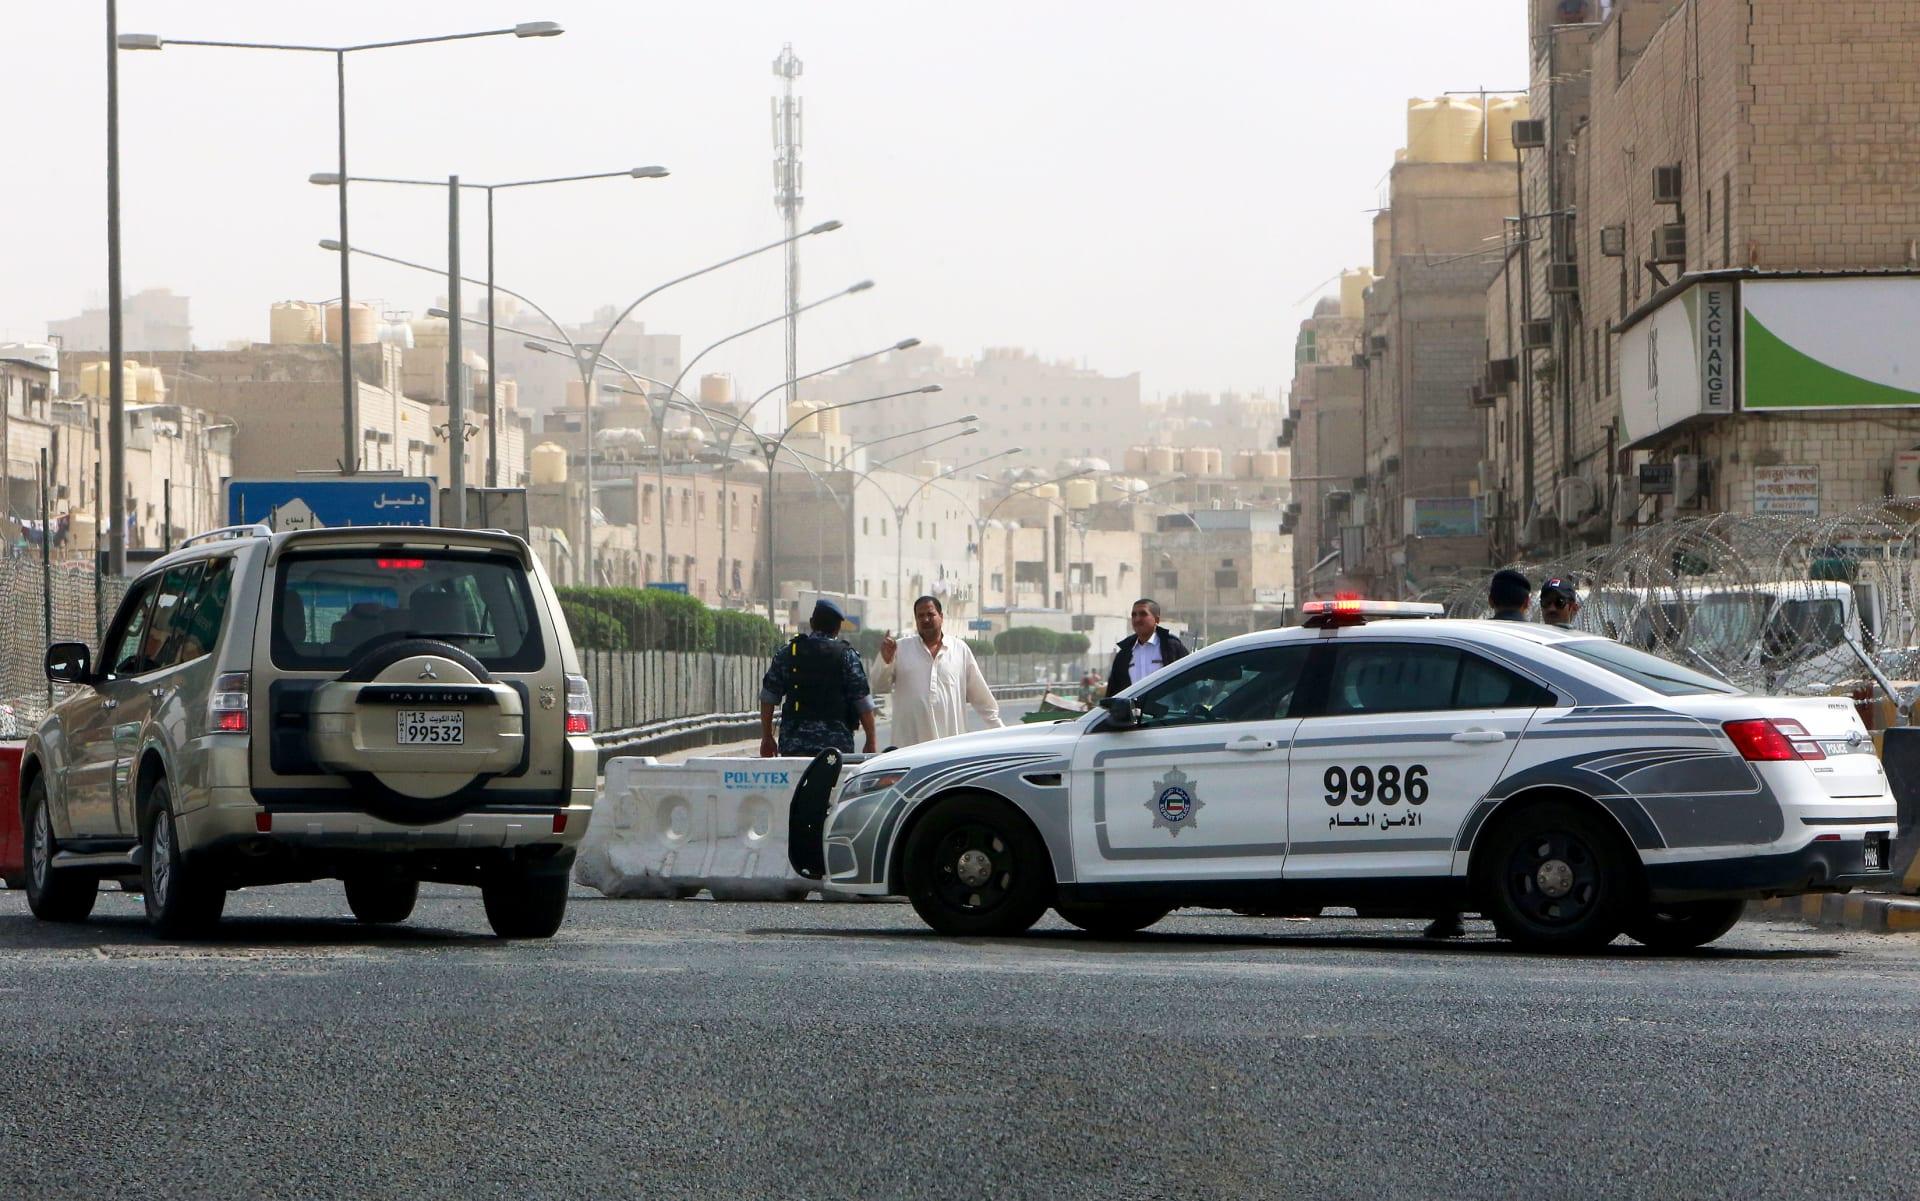 صورة أرشيفية لسيارة شرطة في الكويت